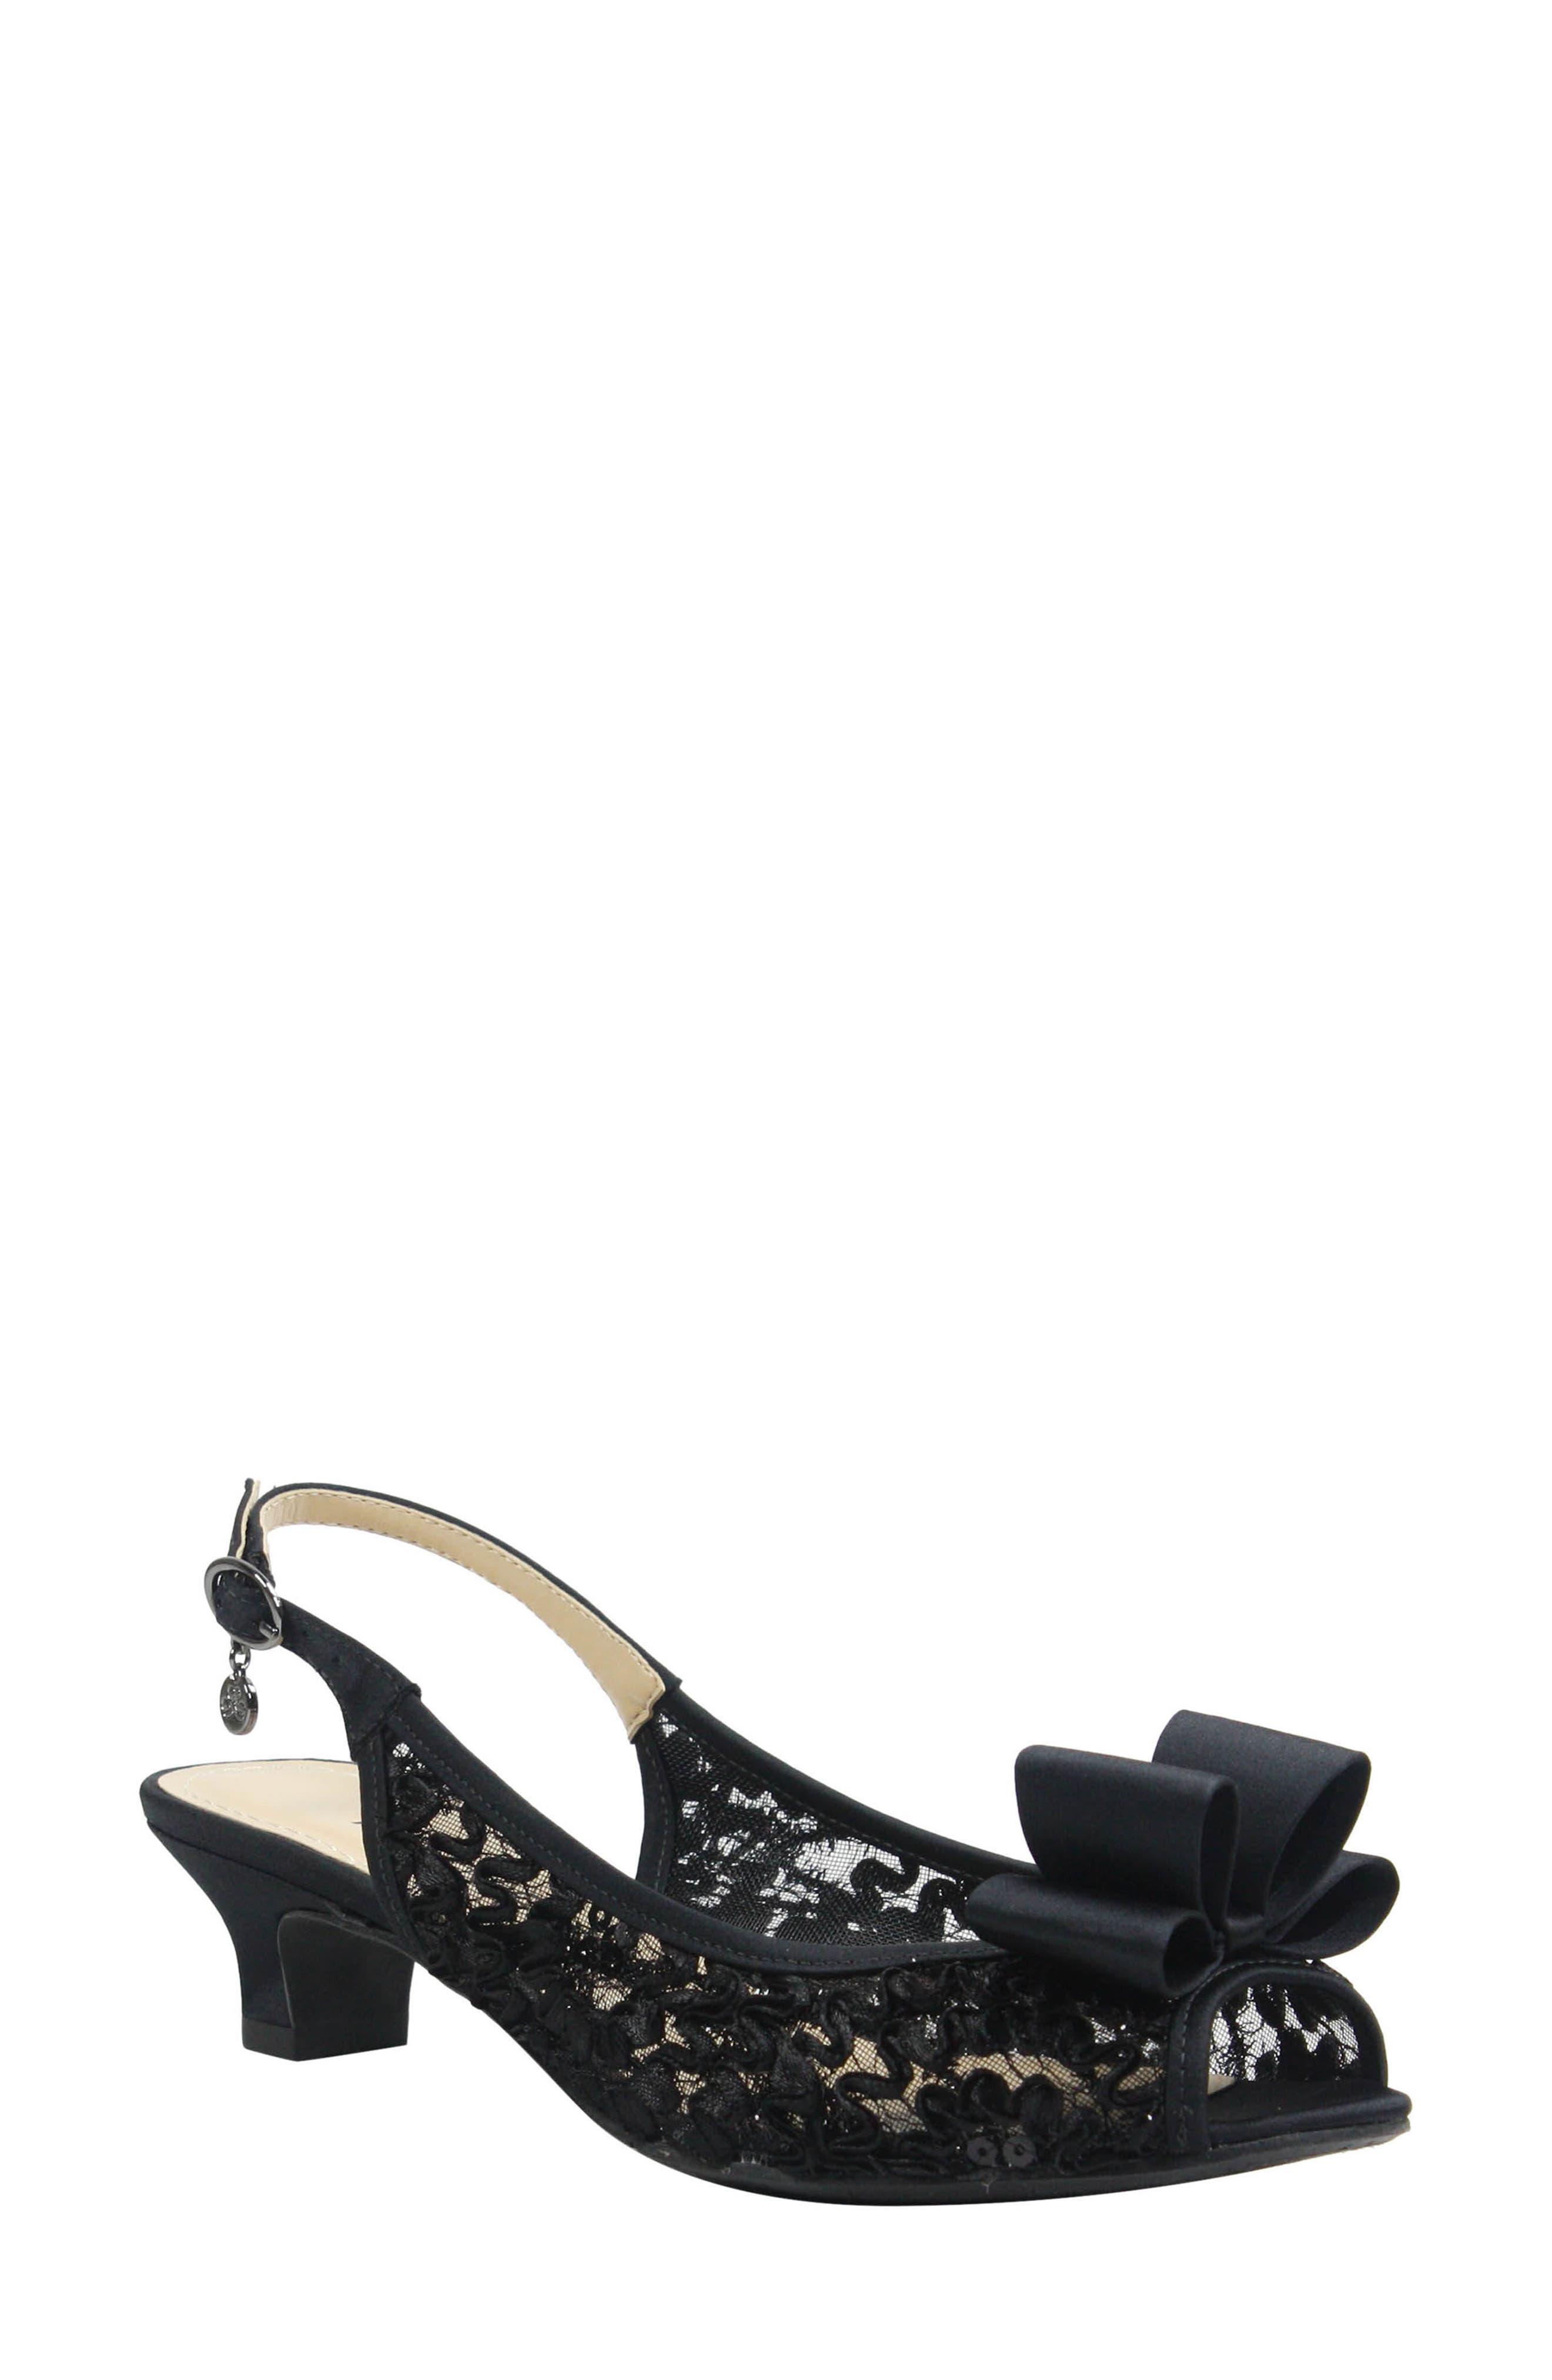 Landan Bow Slingback Sandal,                         Main,                         color, Black Lace